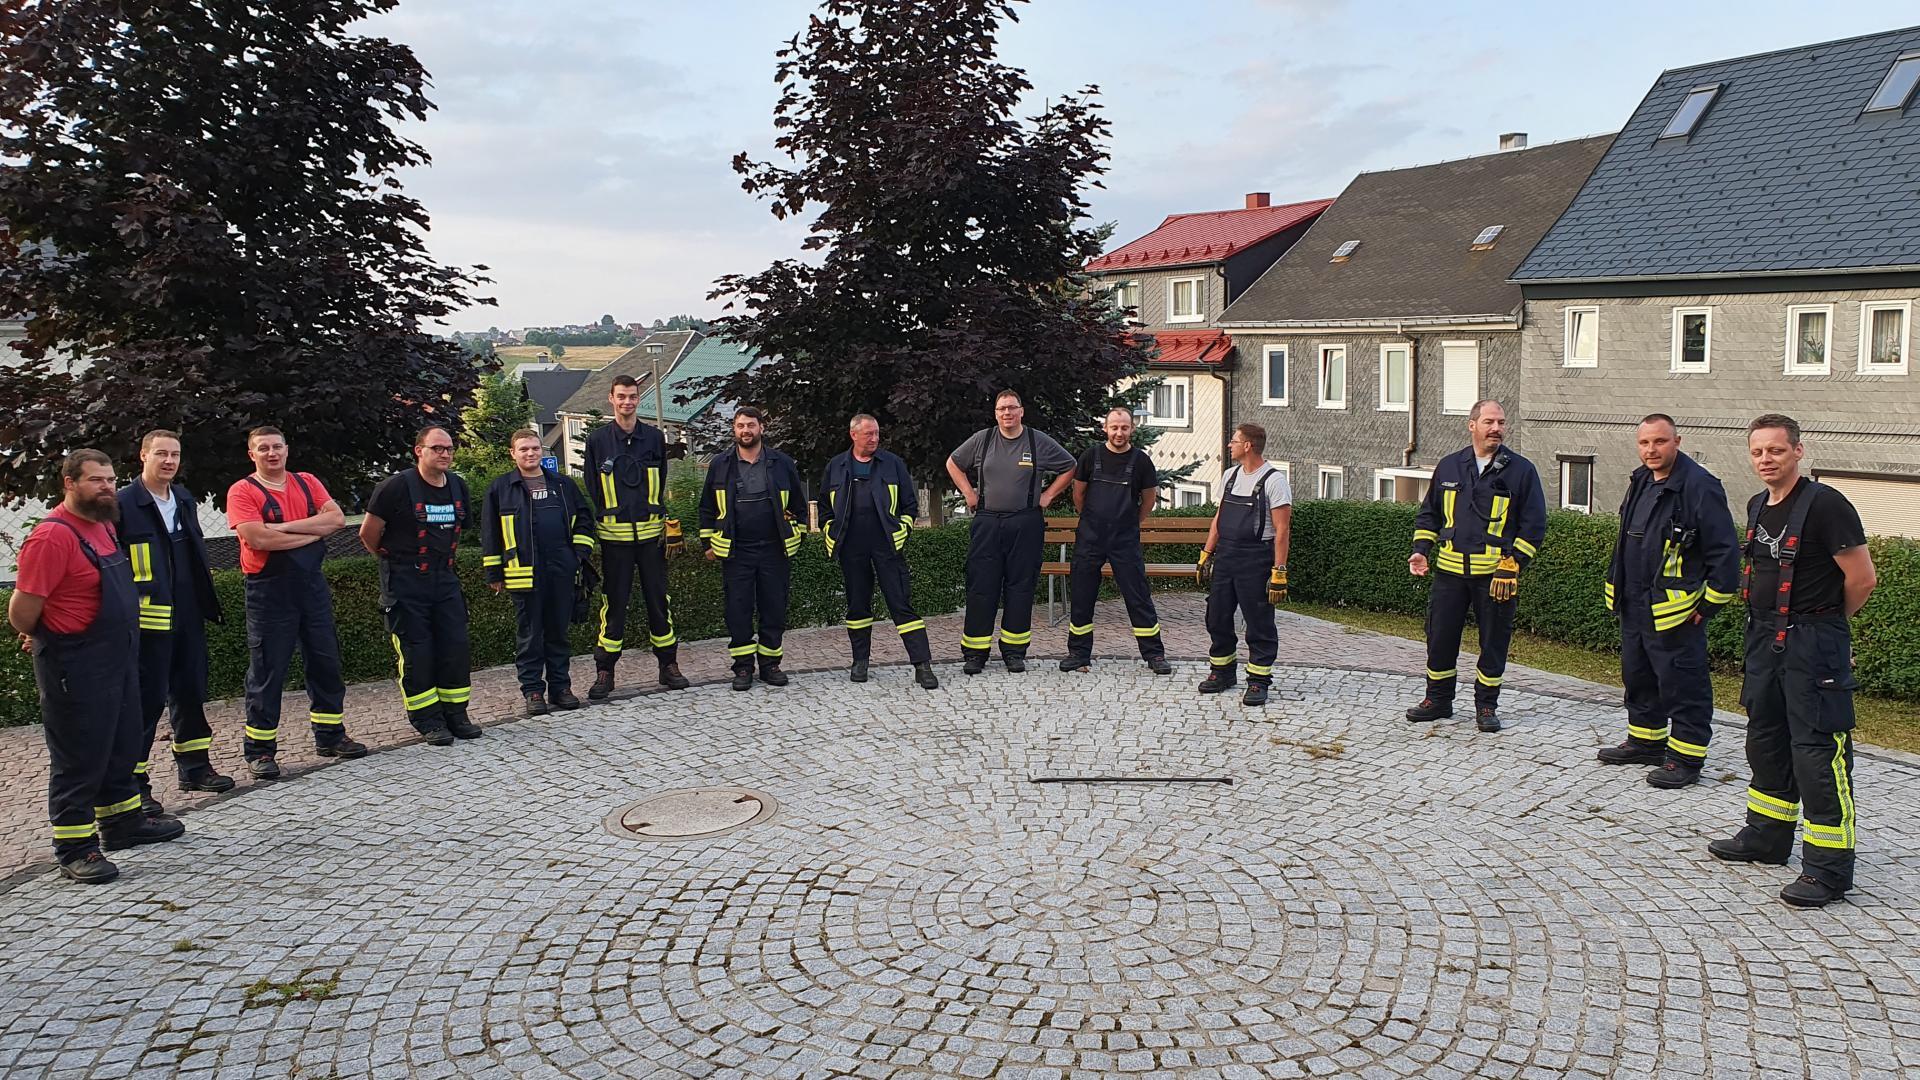 Feierwehr Herschdorf Allersdorf Willmersdorf